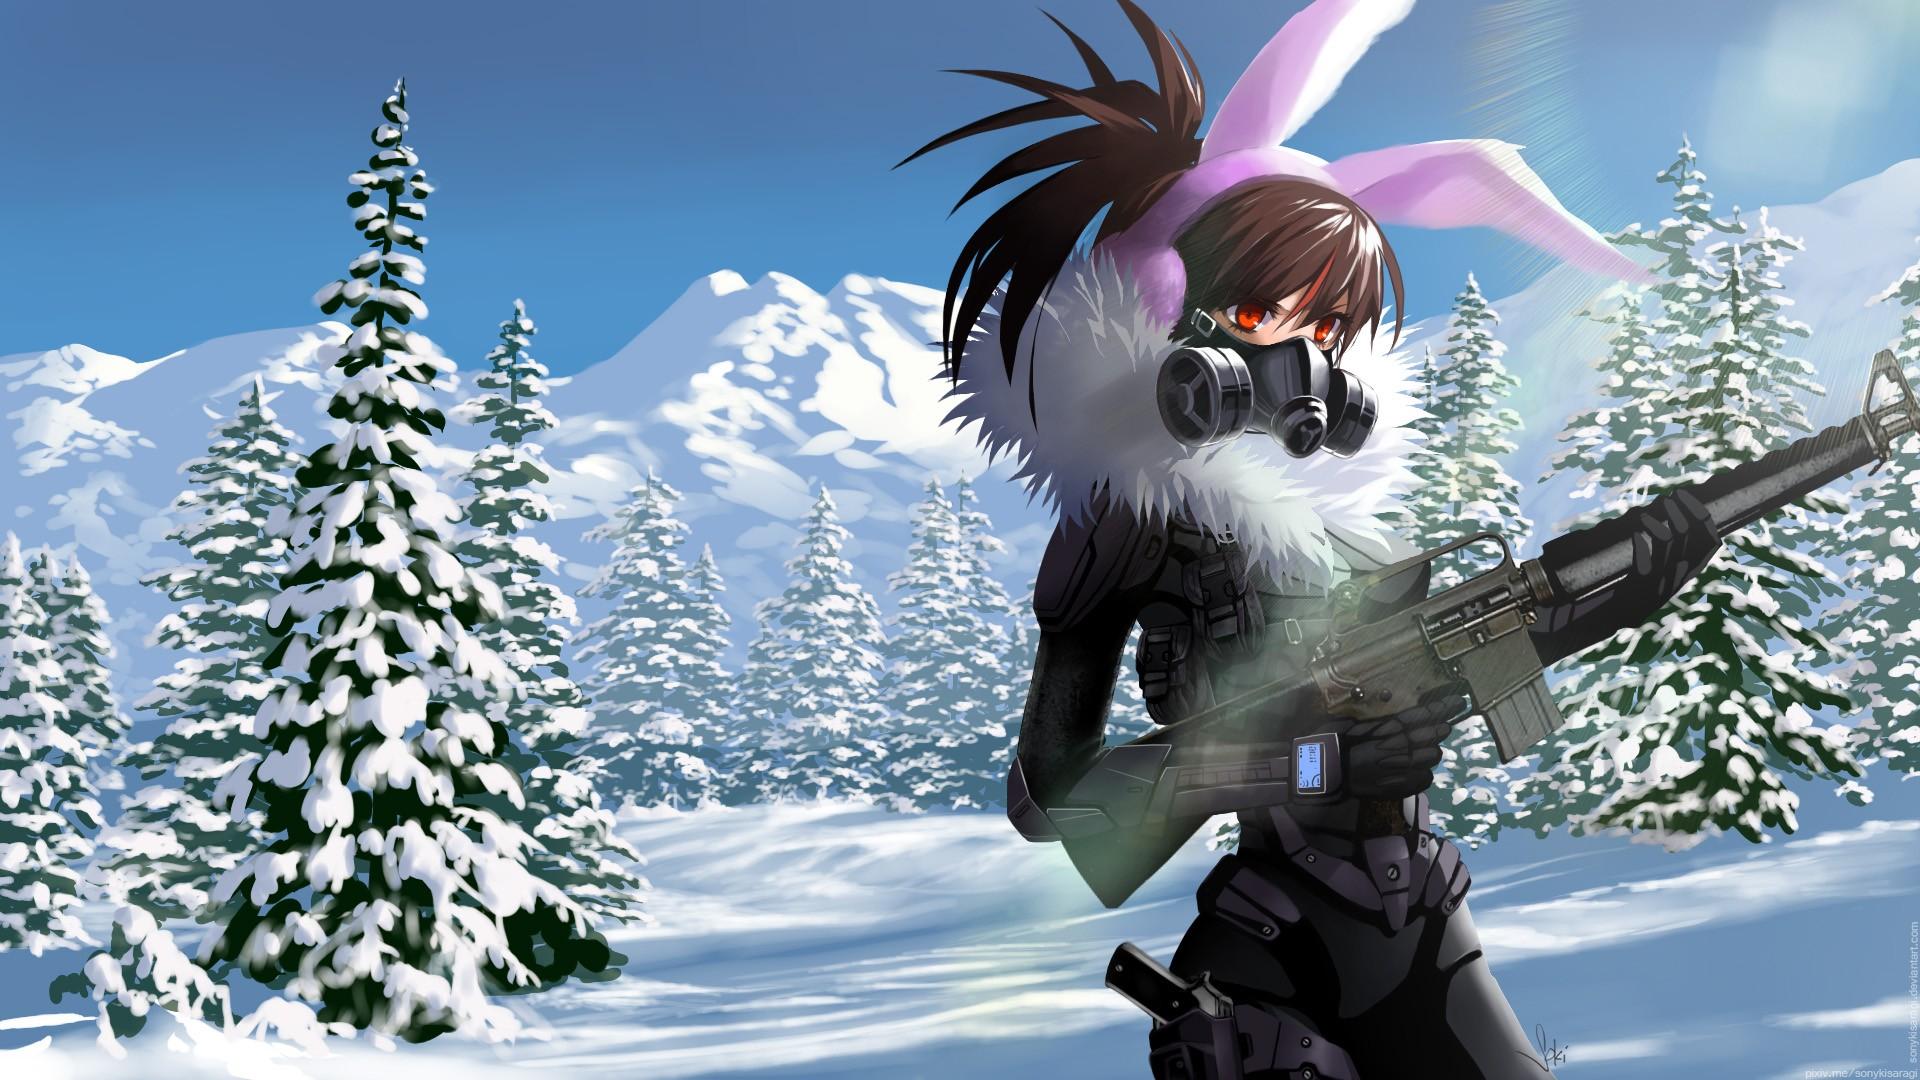 Anime 1920x1080 anime anime girls long hair snow winter weapon gun brunette red eyes bunny ears headphones M16